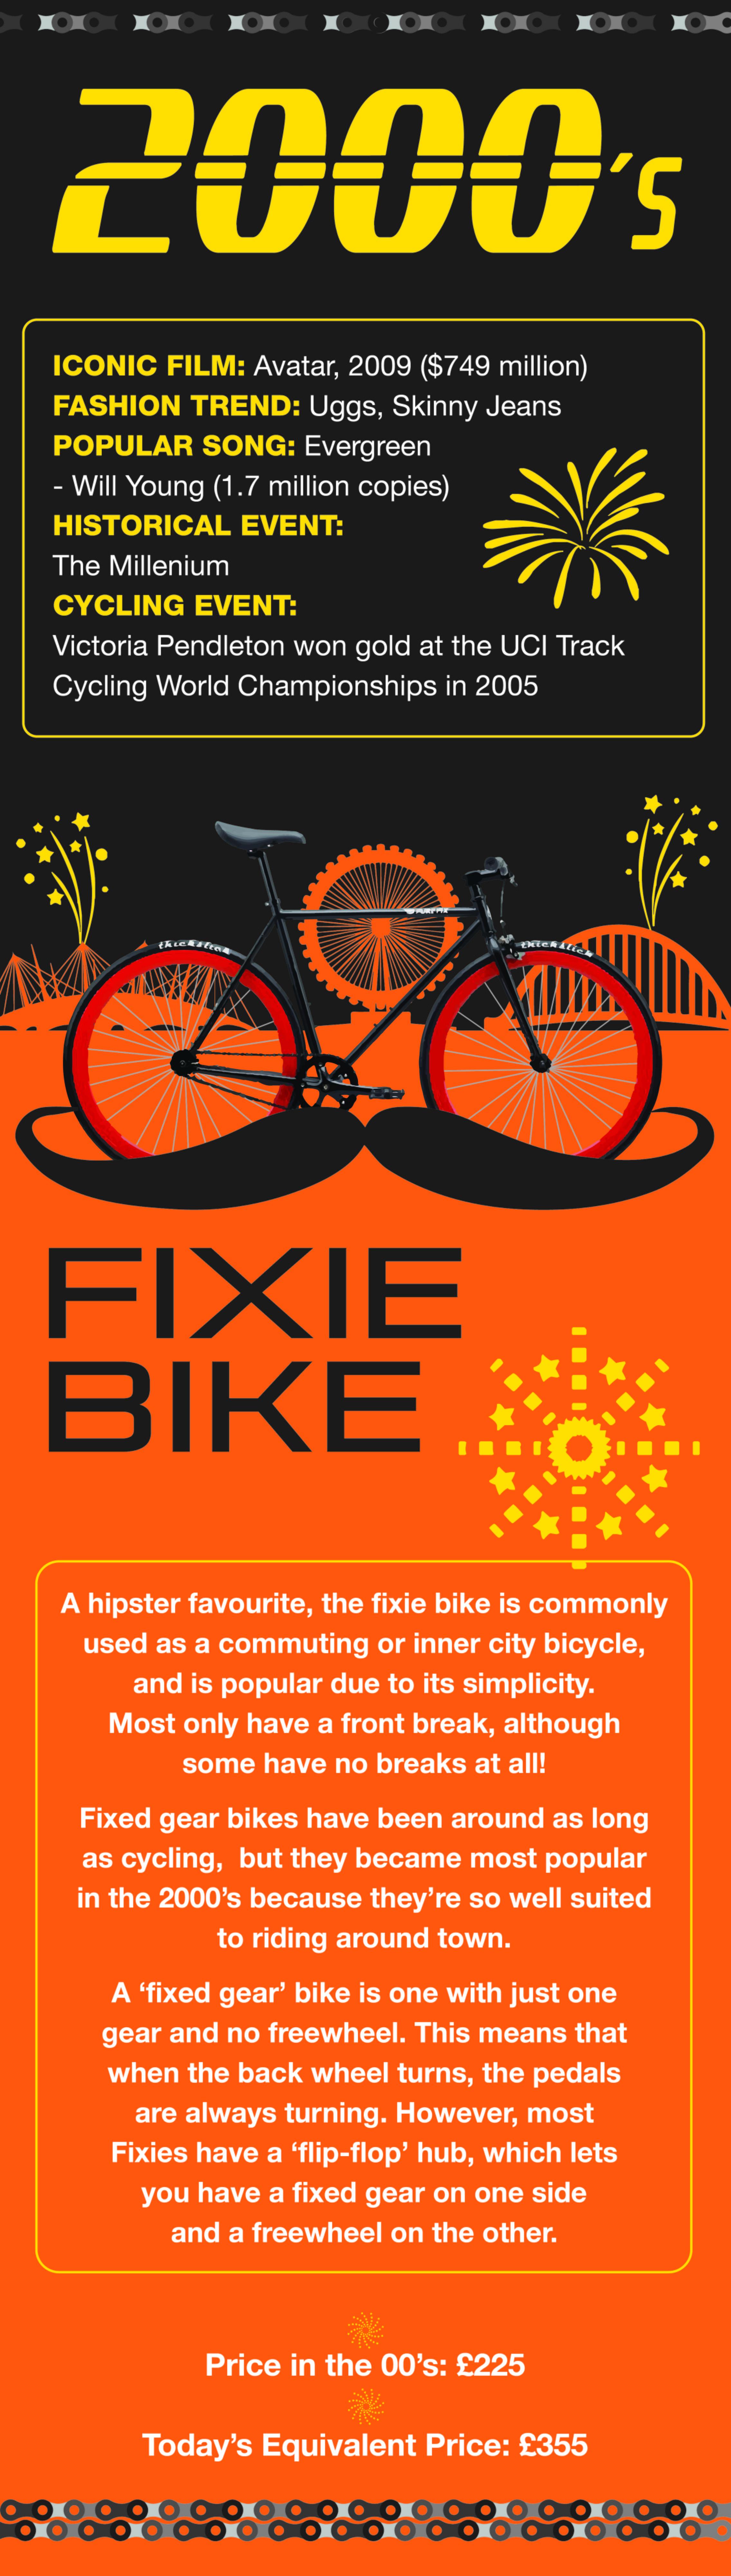 2000s Fixie Bike